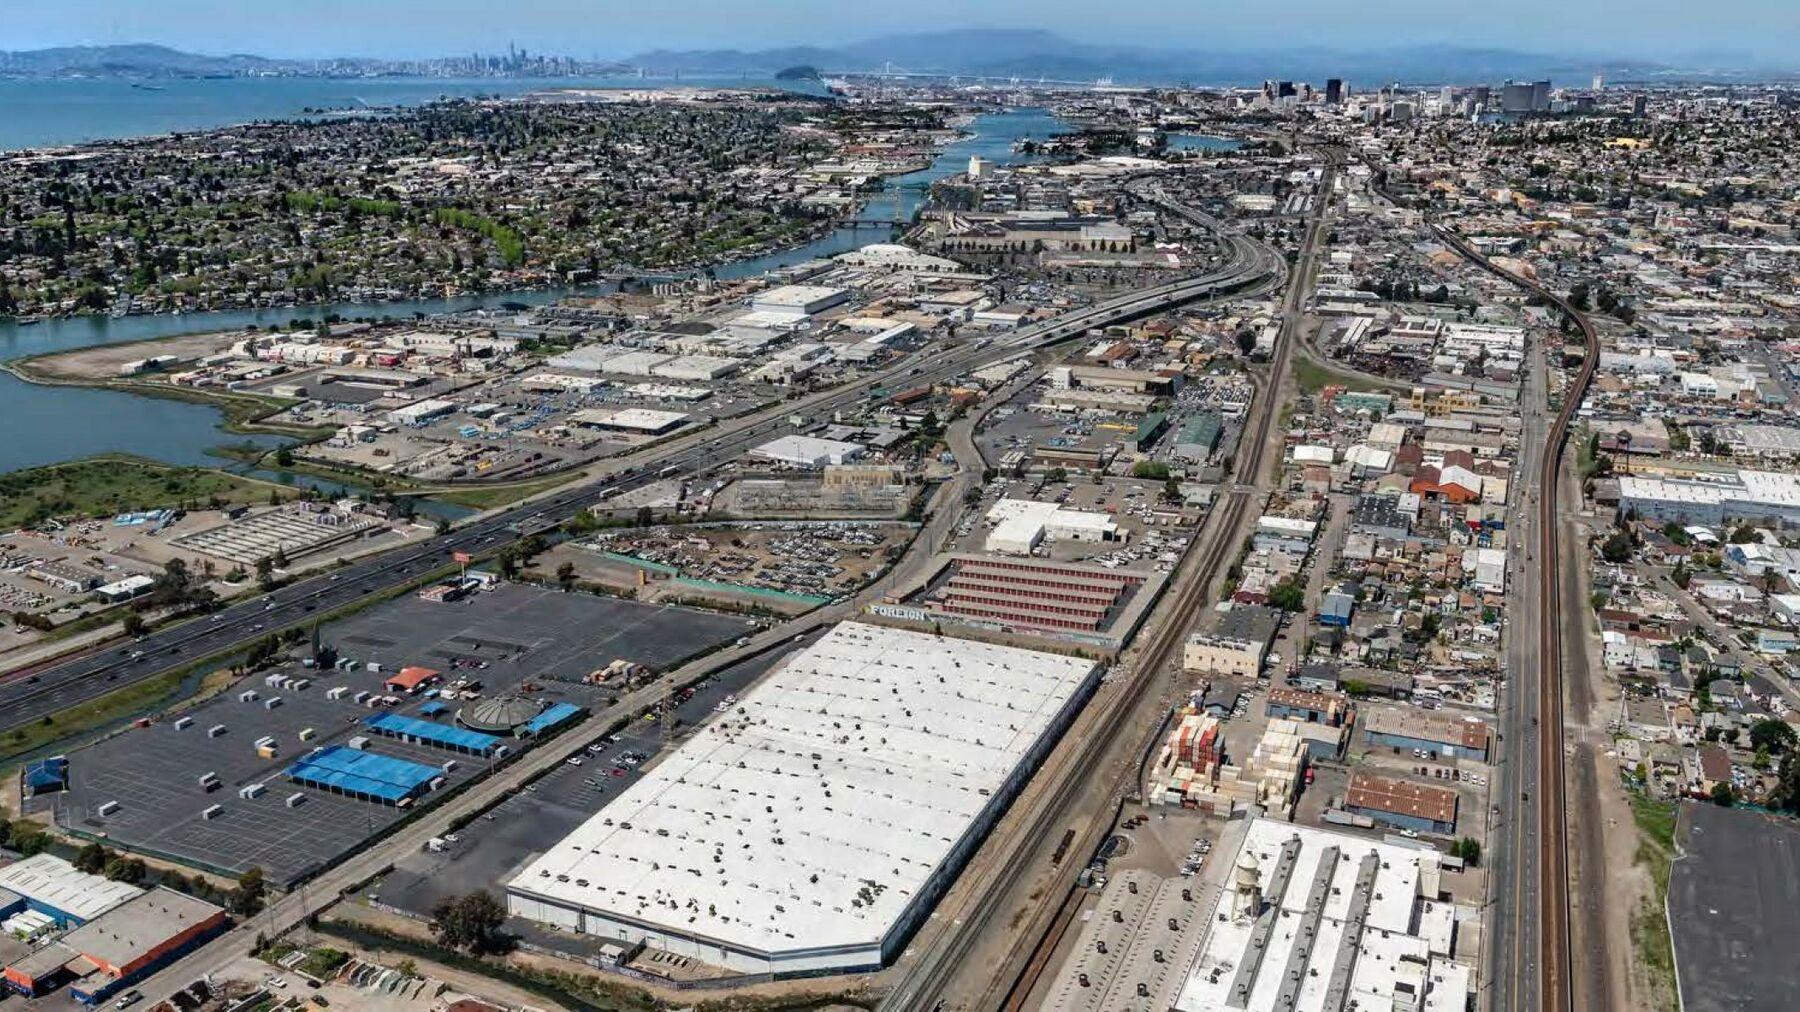 DPM-Oakland-7-Aerial-3.jpg